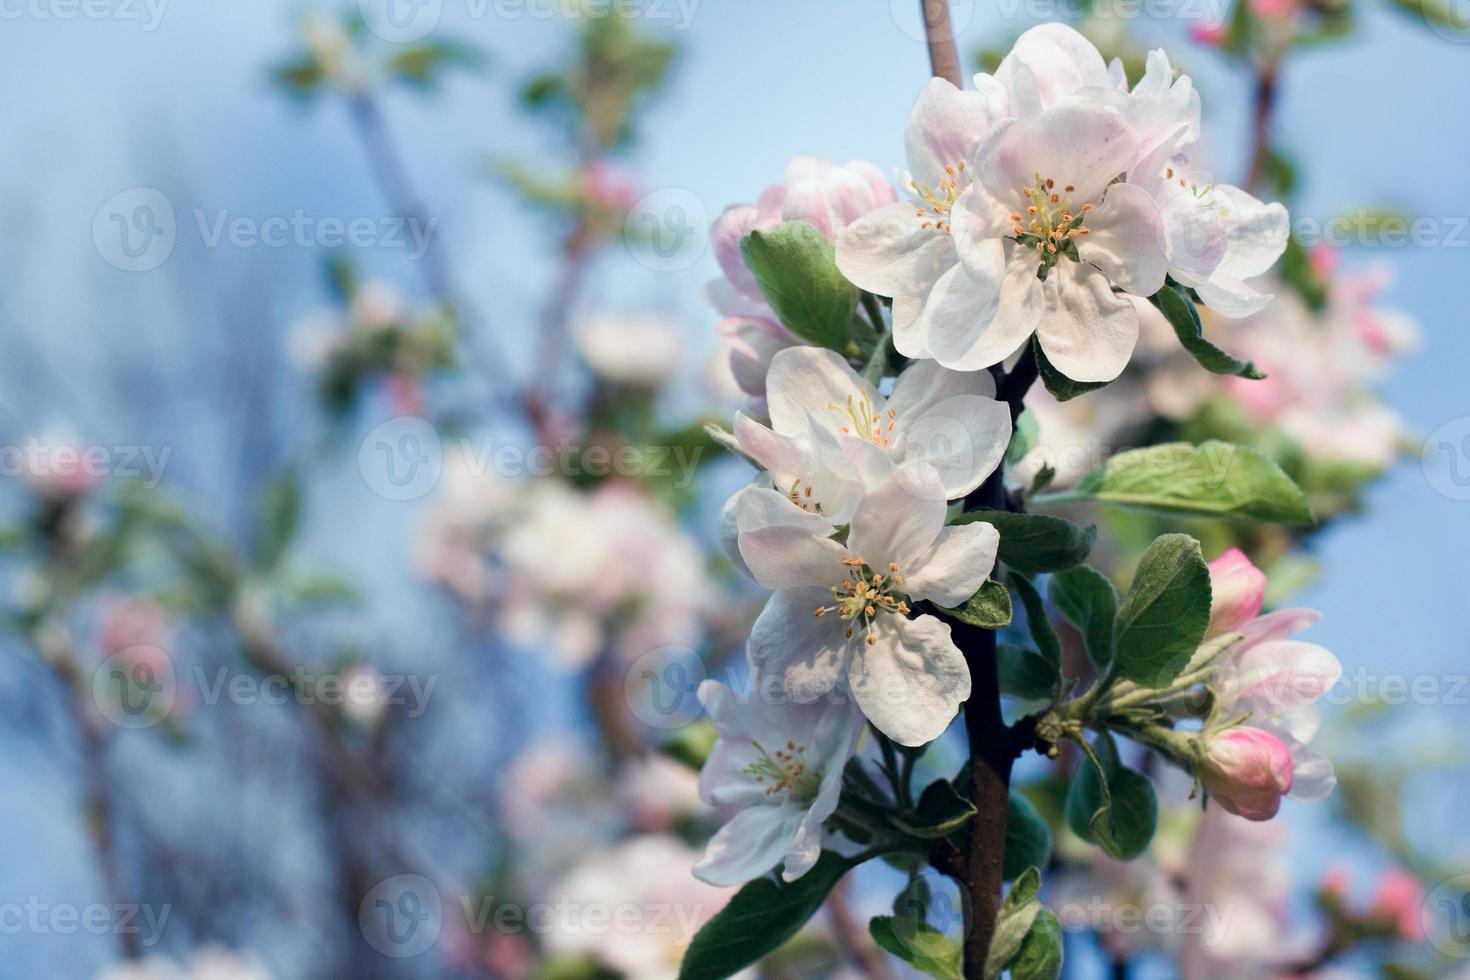 melo in fiore. immagine dai toni caldi foto